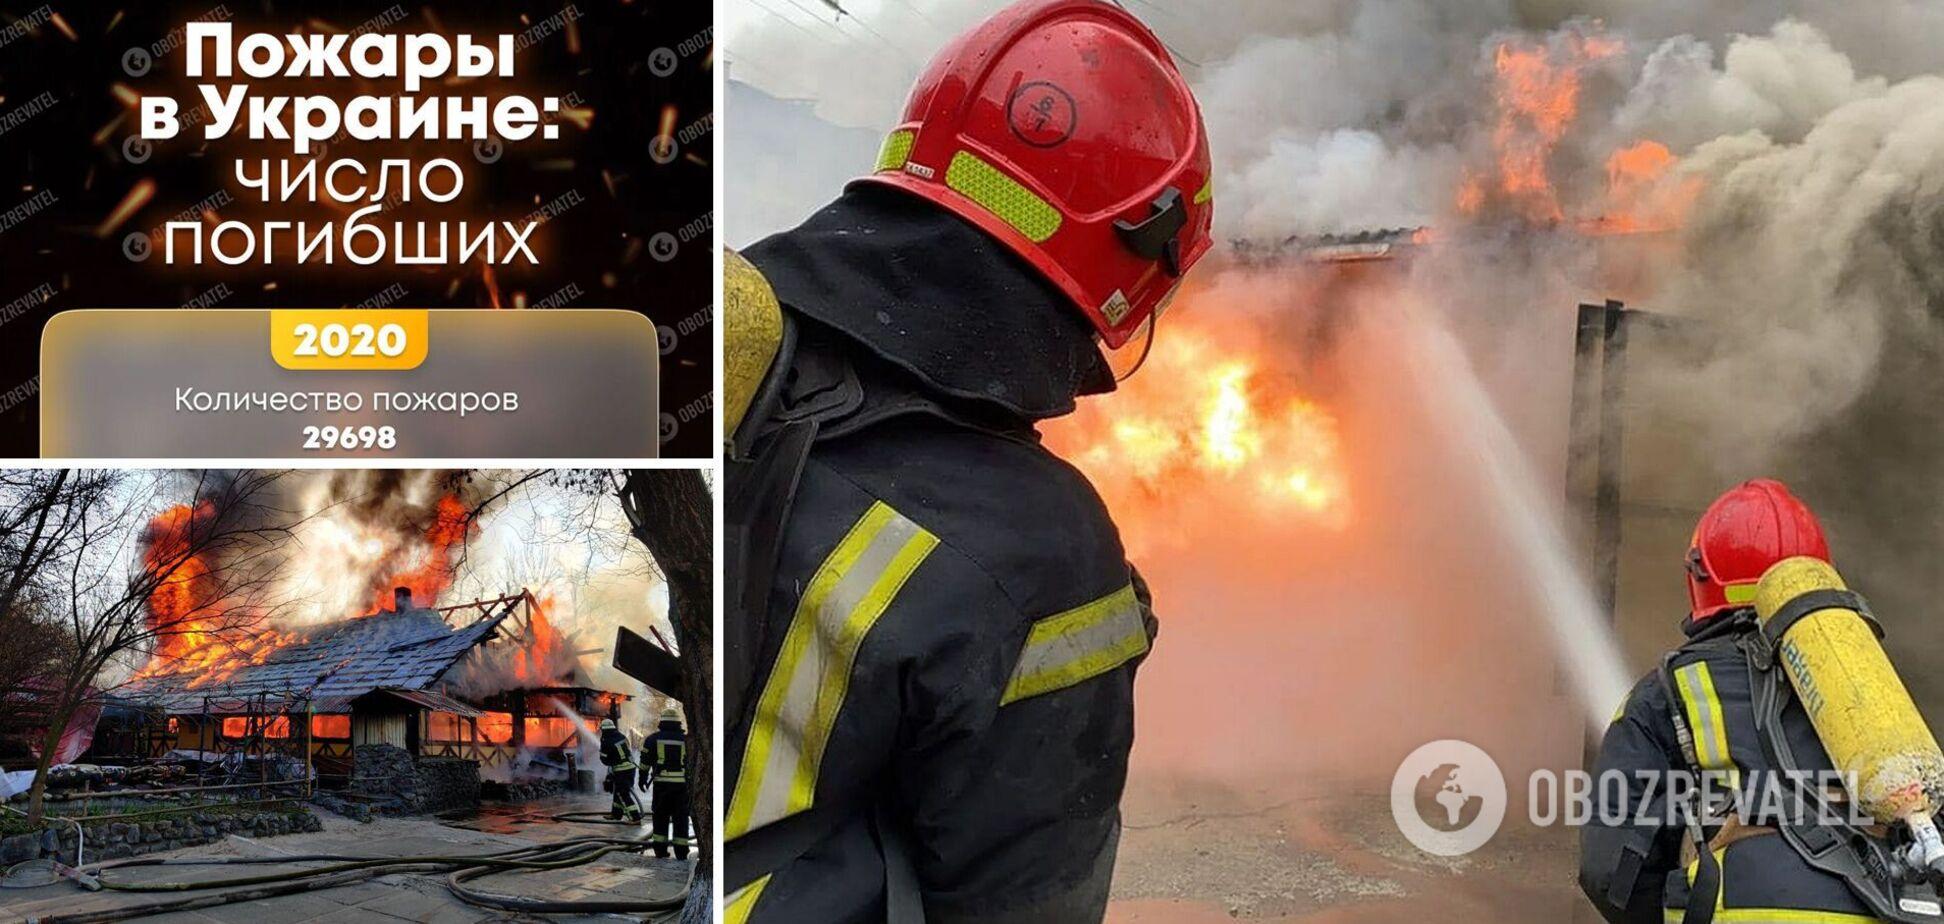 Винні самі? В Україні тисячі людей гинуть під час пожеж: як уберегтися